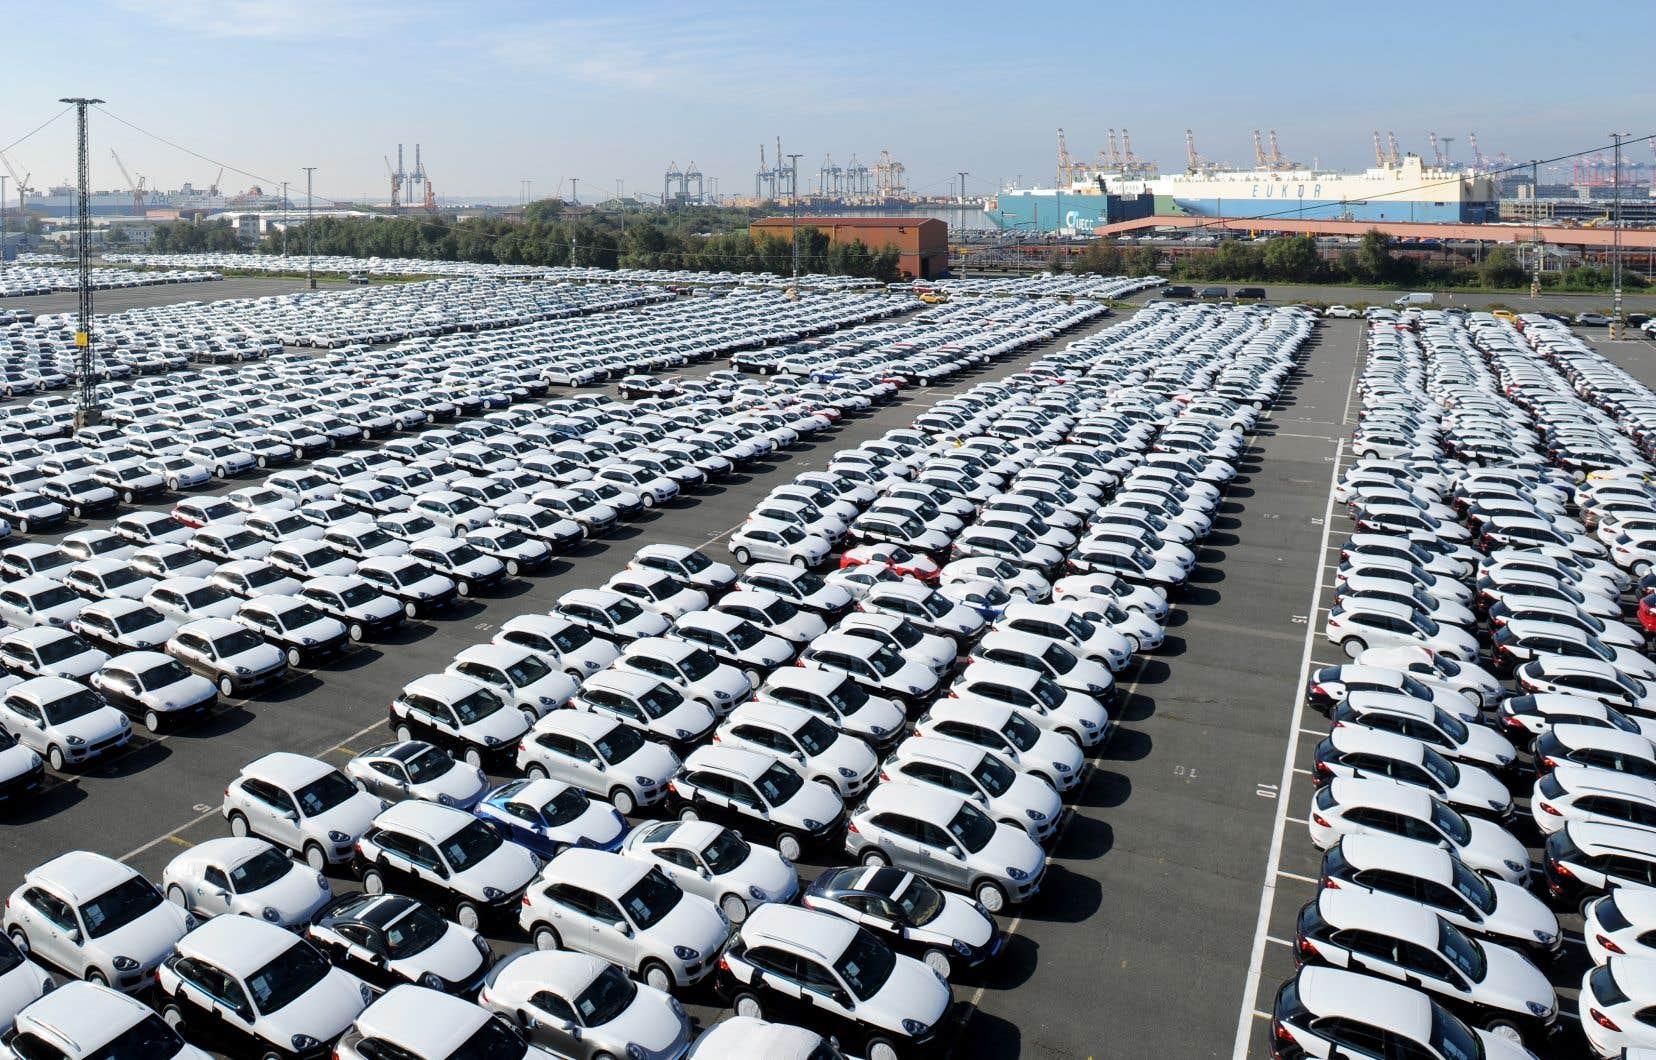 Donald Trump a déjà évoqué à de nombreuses reprises la possibilité d'imposer des taxes pour protéger l'industrie automobile américaine qui viseraient notamment l'Allemagne.